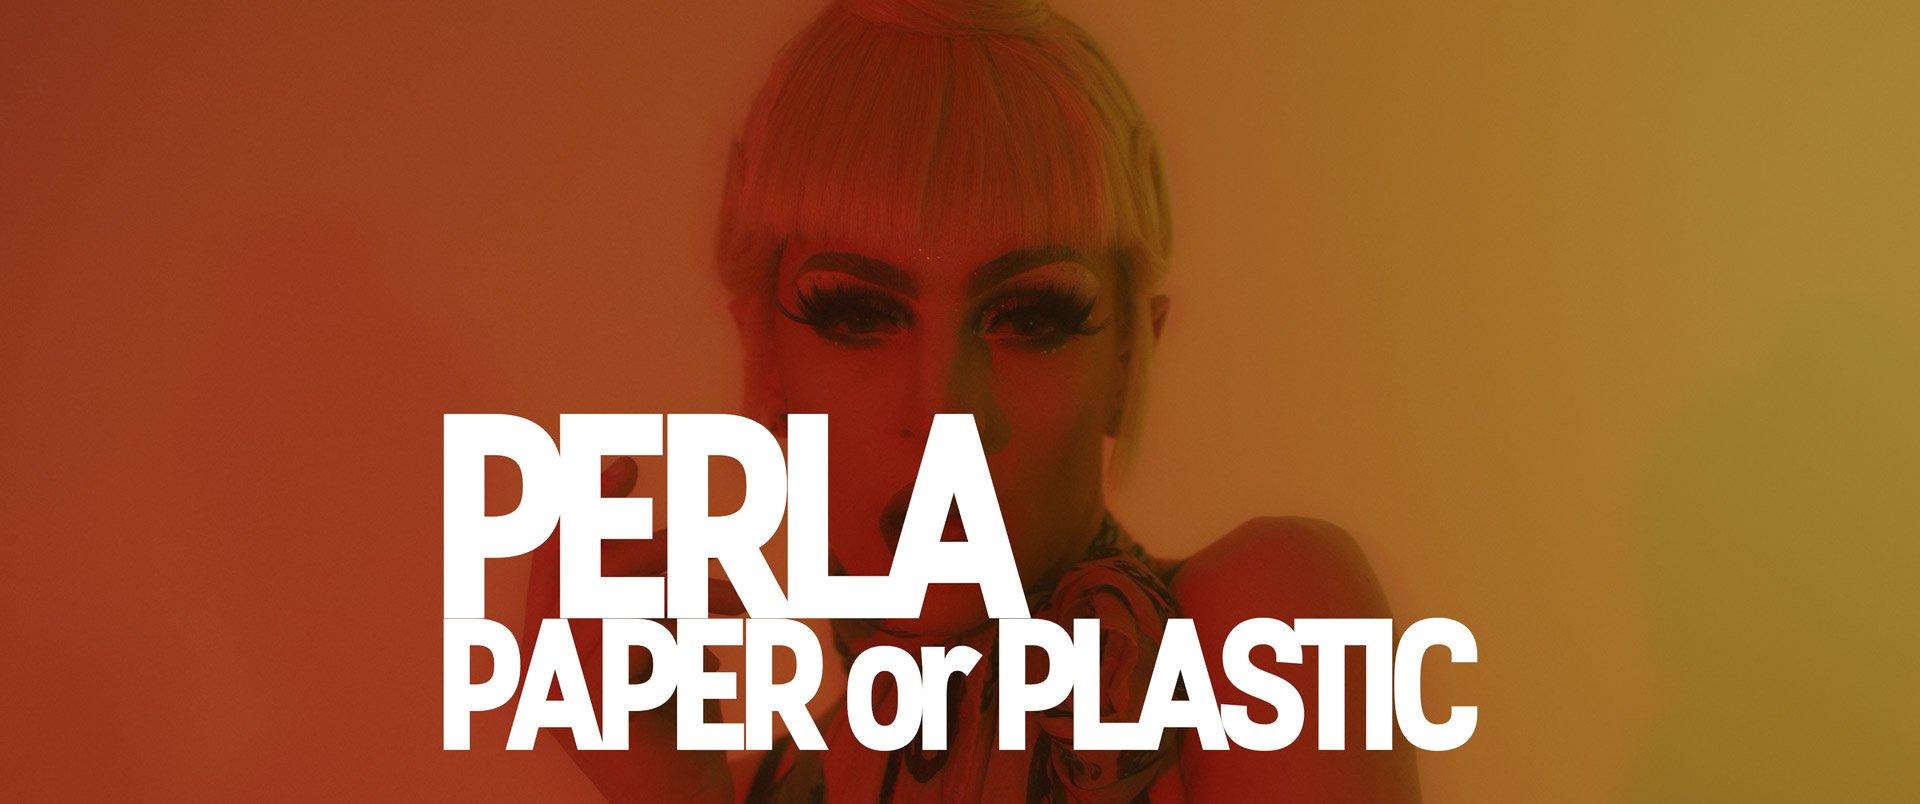 Perla Music Video Paper or Plastic